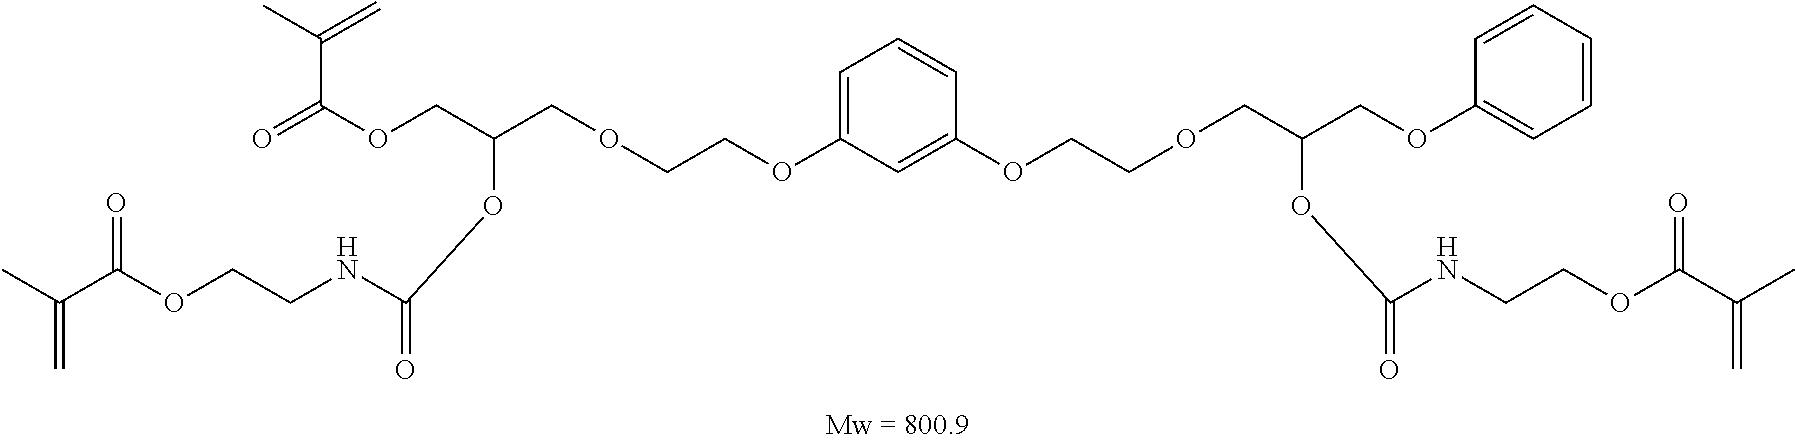 Figure US10022306-20180717-C00025